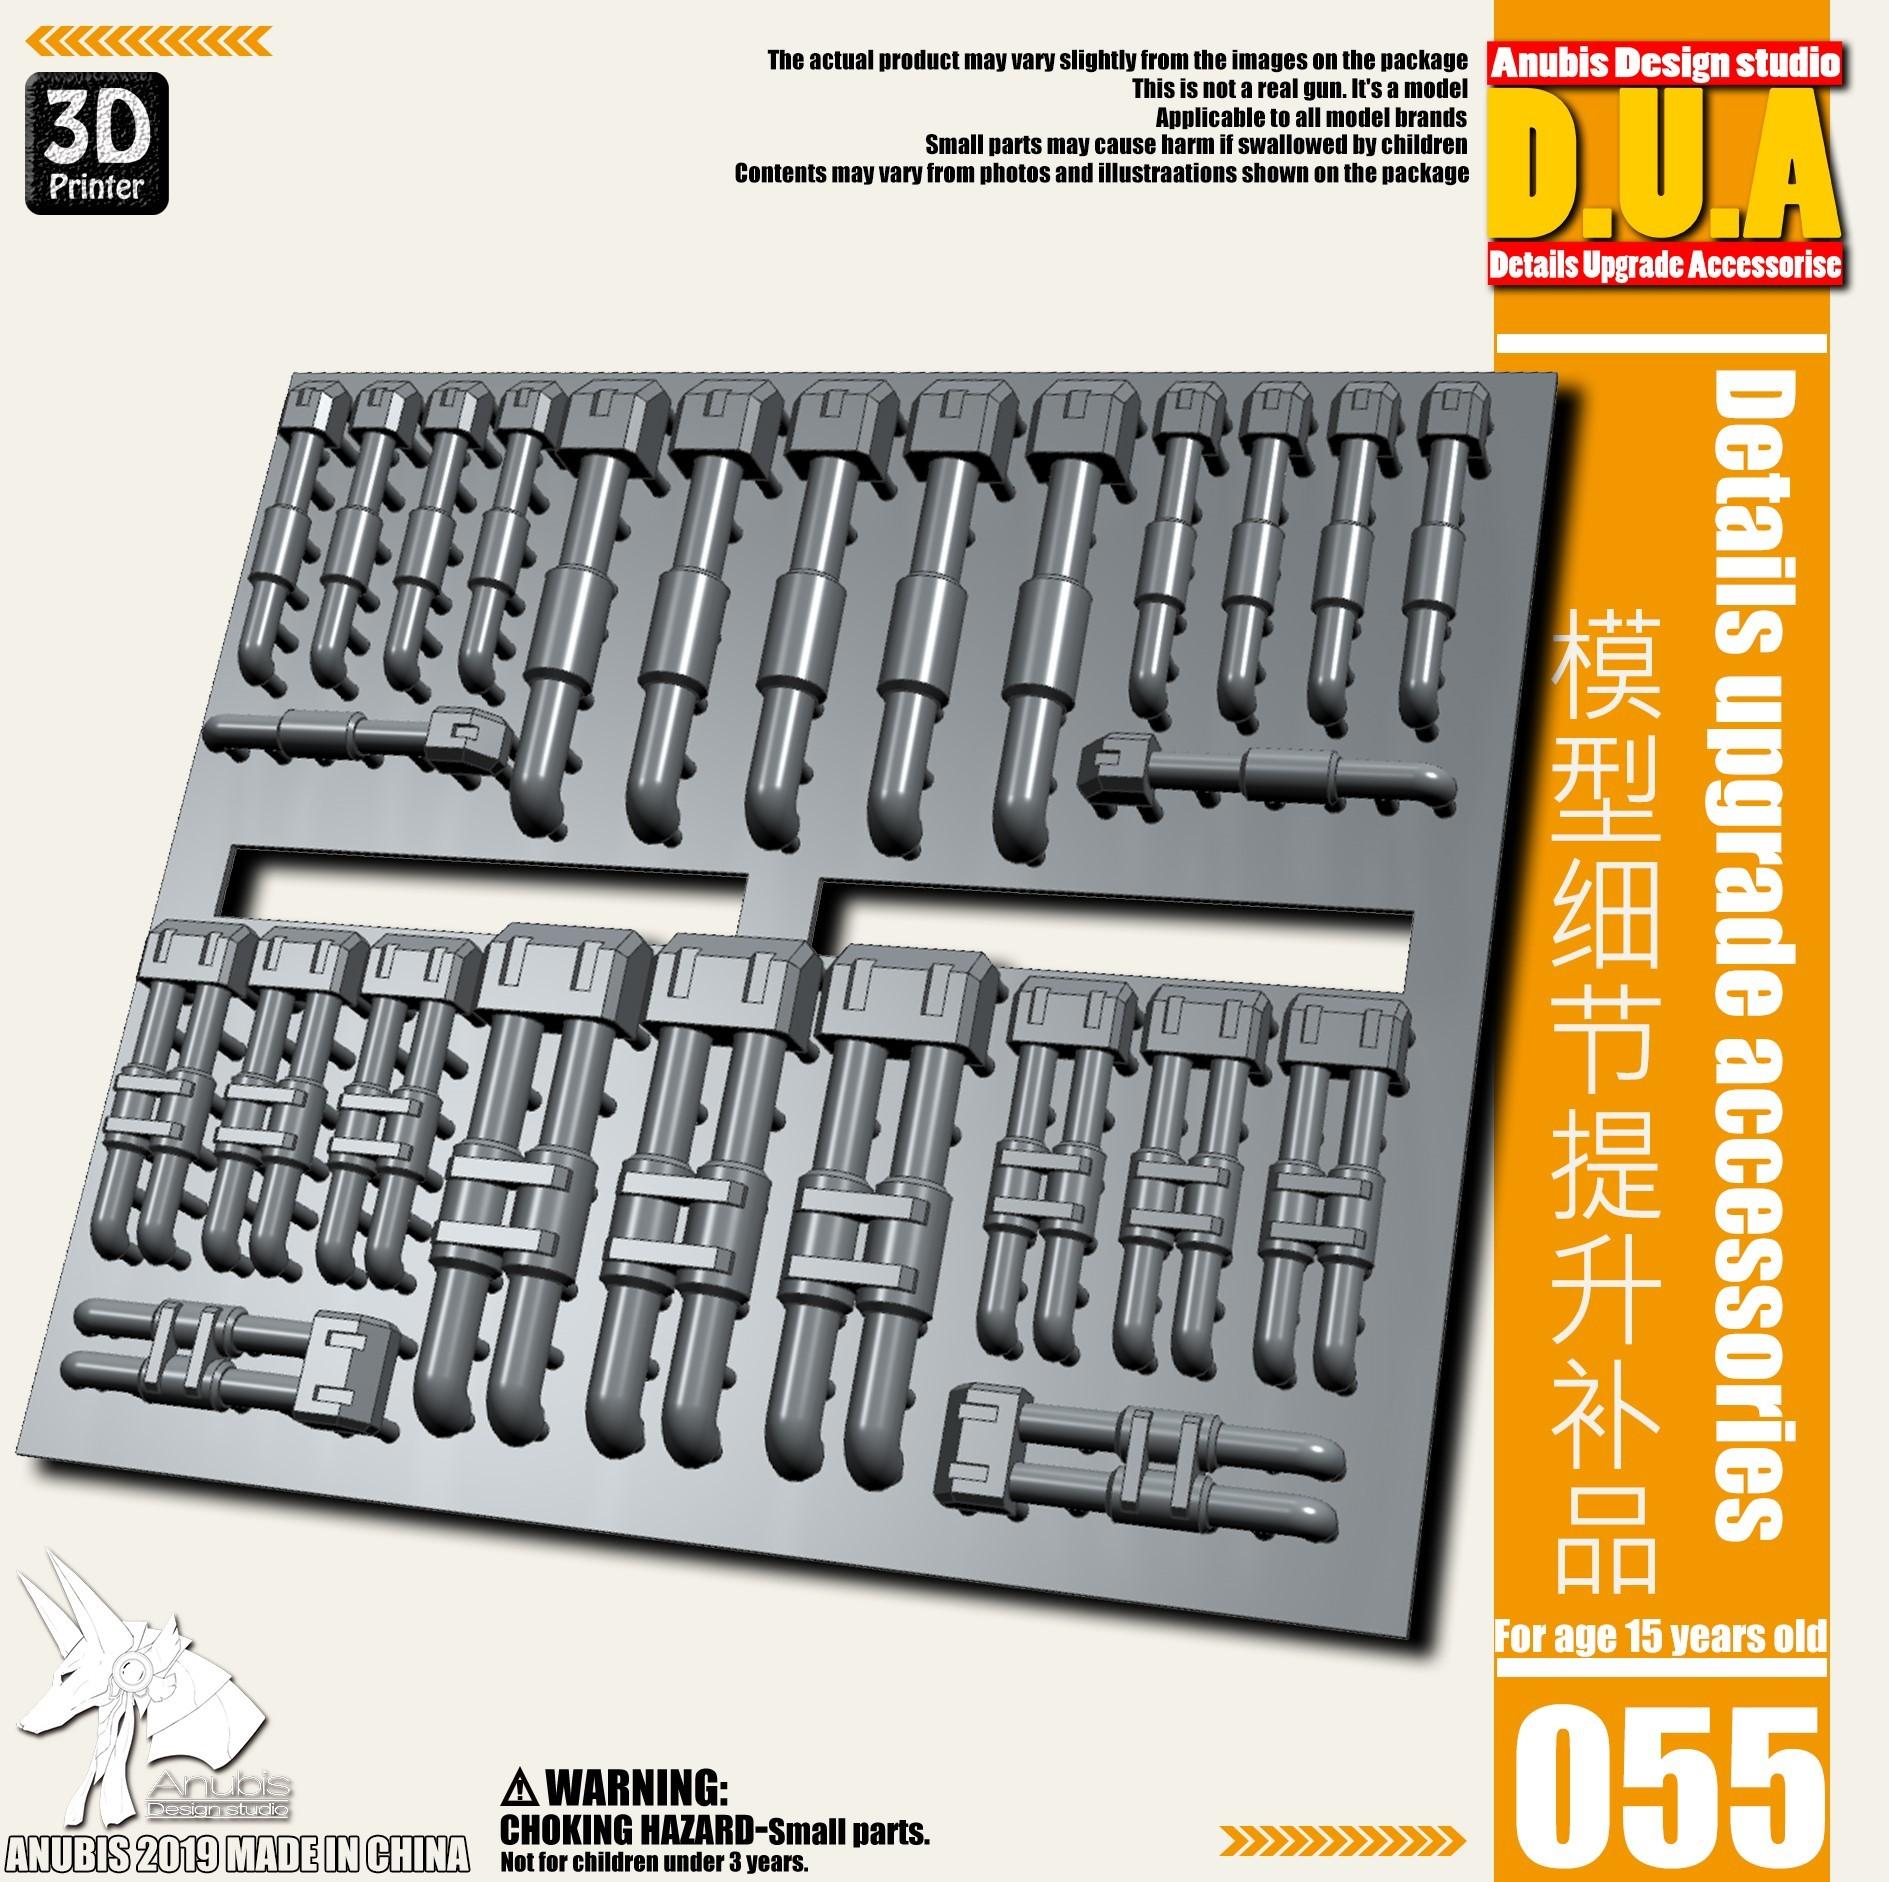 G413_DUA055_001.jpg